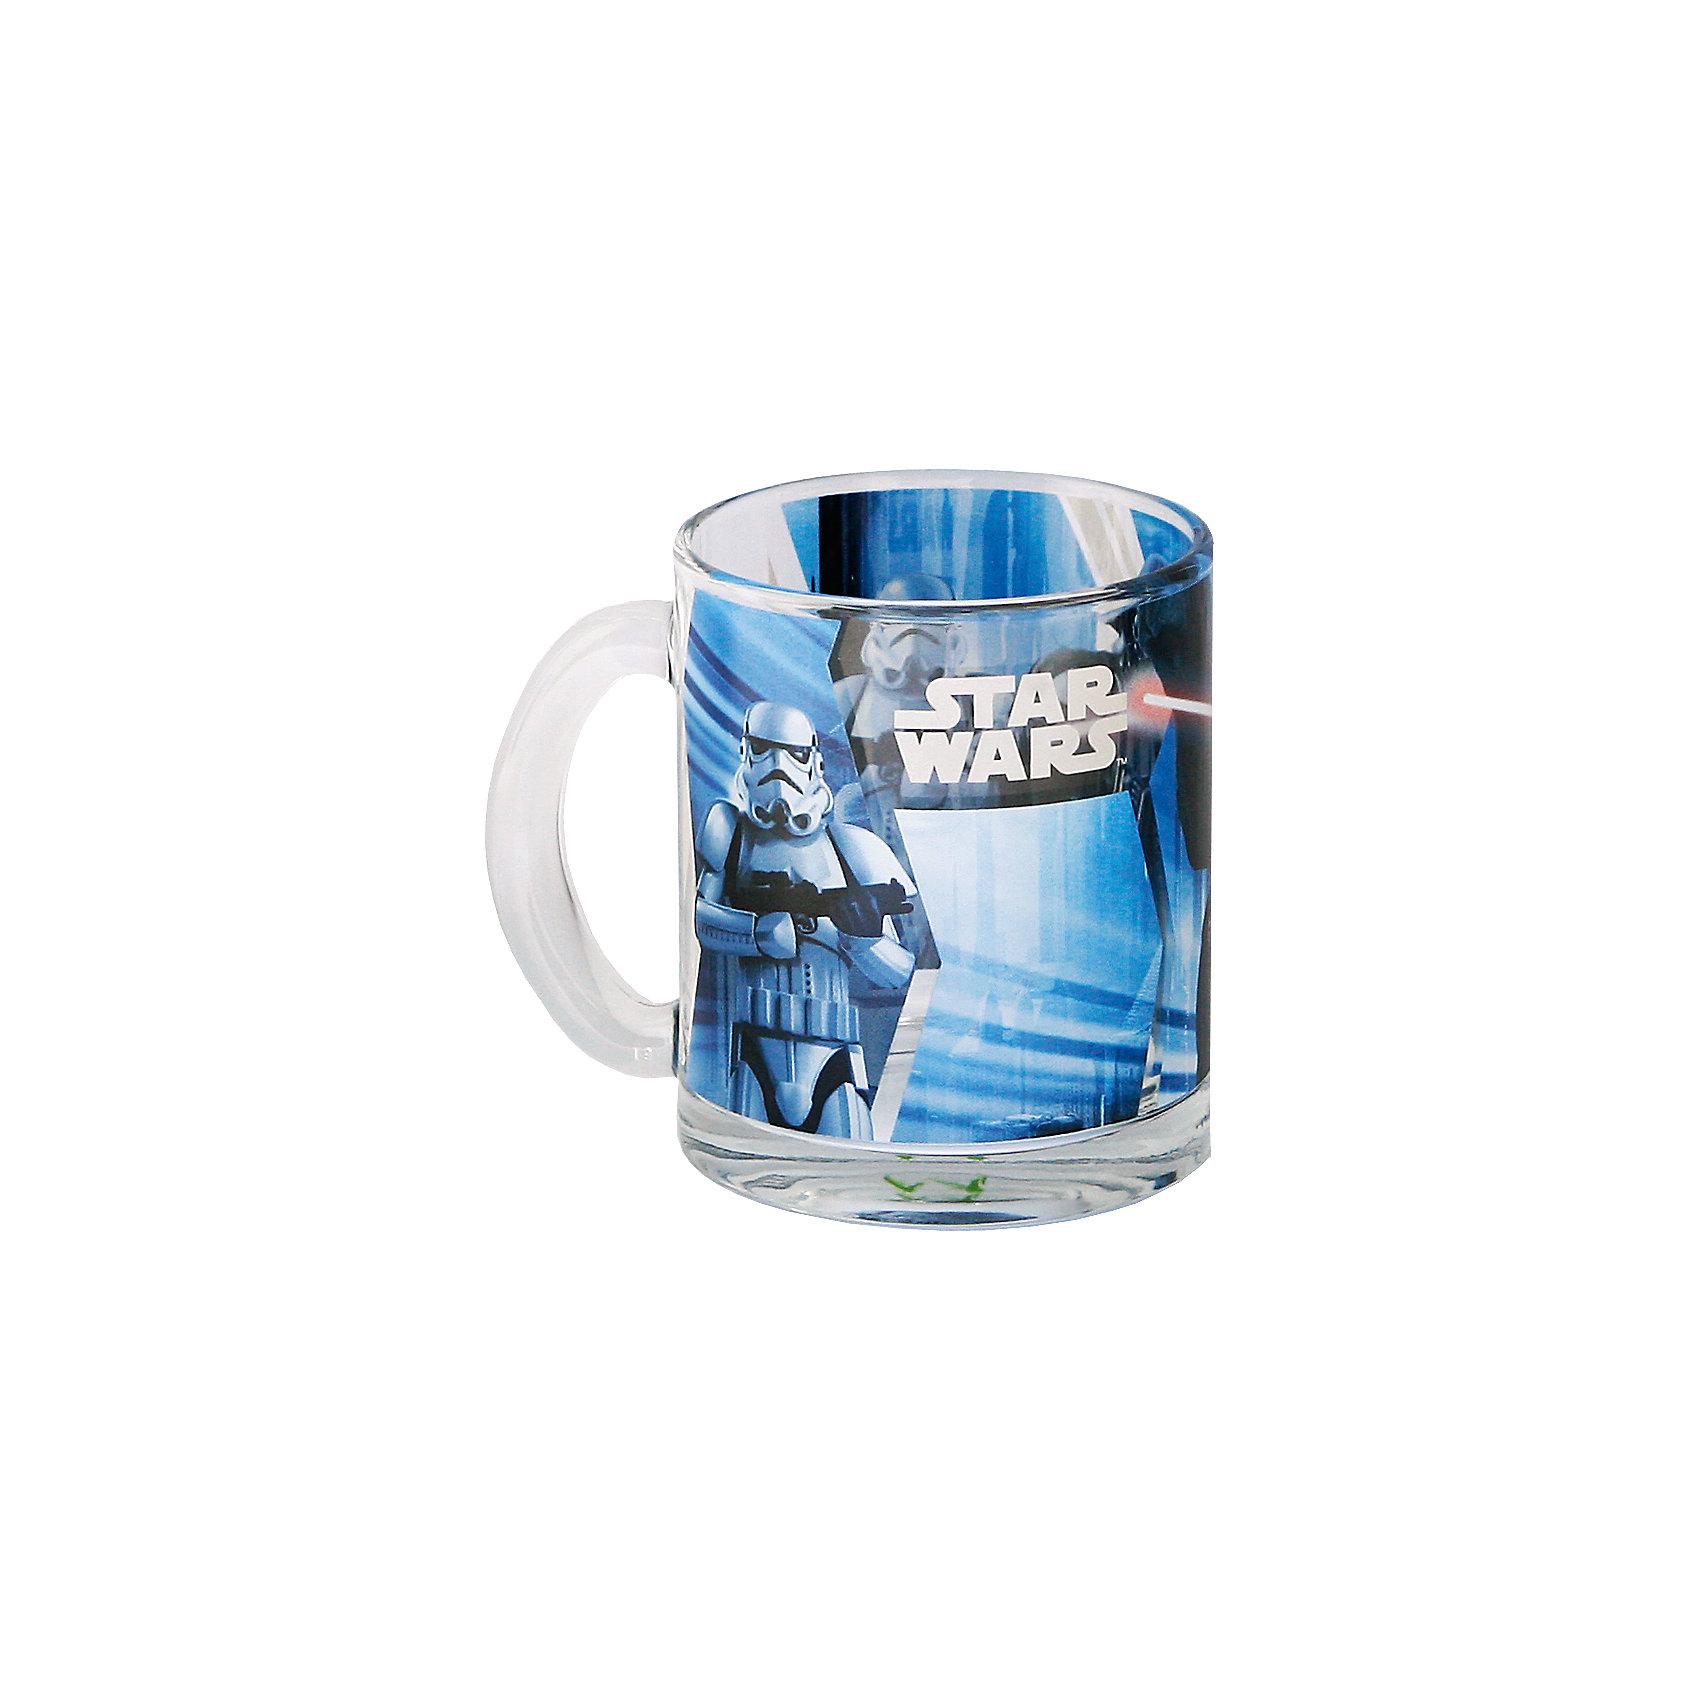 Стеклянная кружка Дарт Вейдер (синяя, 300 мл), Звездные войныСтеклянная кружка Дарт Вейдер (синяя, 300 мл), Звездные войны – оригинальная детская кружка станет приятным сюрпризом для Вашего ребенка.<br>Стеклянная кружка Дарт Вейдер, оформленная ярким рисунком с изображением Тёмного Лорда и имперского штурмовика, идеально подойдет для повседневного использования. Оригинальный дизайн, удобная ручка, высококачественный материал – это основные характерные особенности данного изделия. Товар сертифицирован.<br><br>Дополнительная информация:<br><br>- Объем: 300 мл.<br>- Материал: стекло<br>- Цвет рисунка: синий<br>- Размер: 11 х 8 х 9,5 см.<br>- Вес: 390 гр.<br><br>Стеклянную кружку Дарт Вейдер (синяя, 300 мл), Звездные войны можно купить в нашем интернет-магазине.<br><br>Ширина мм: 110<br>Глубина мм: 80<br>Высота мм: 95<br>Вес г: 390<br>Возраст от месяцев: 36<br>Возраст до месяцев: 192<br>Пол: Унисекс<br>Возраст: Детский<br>SKU: 4536255